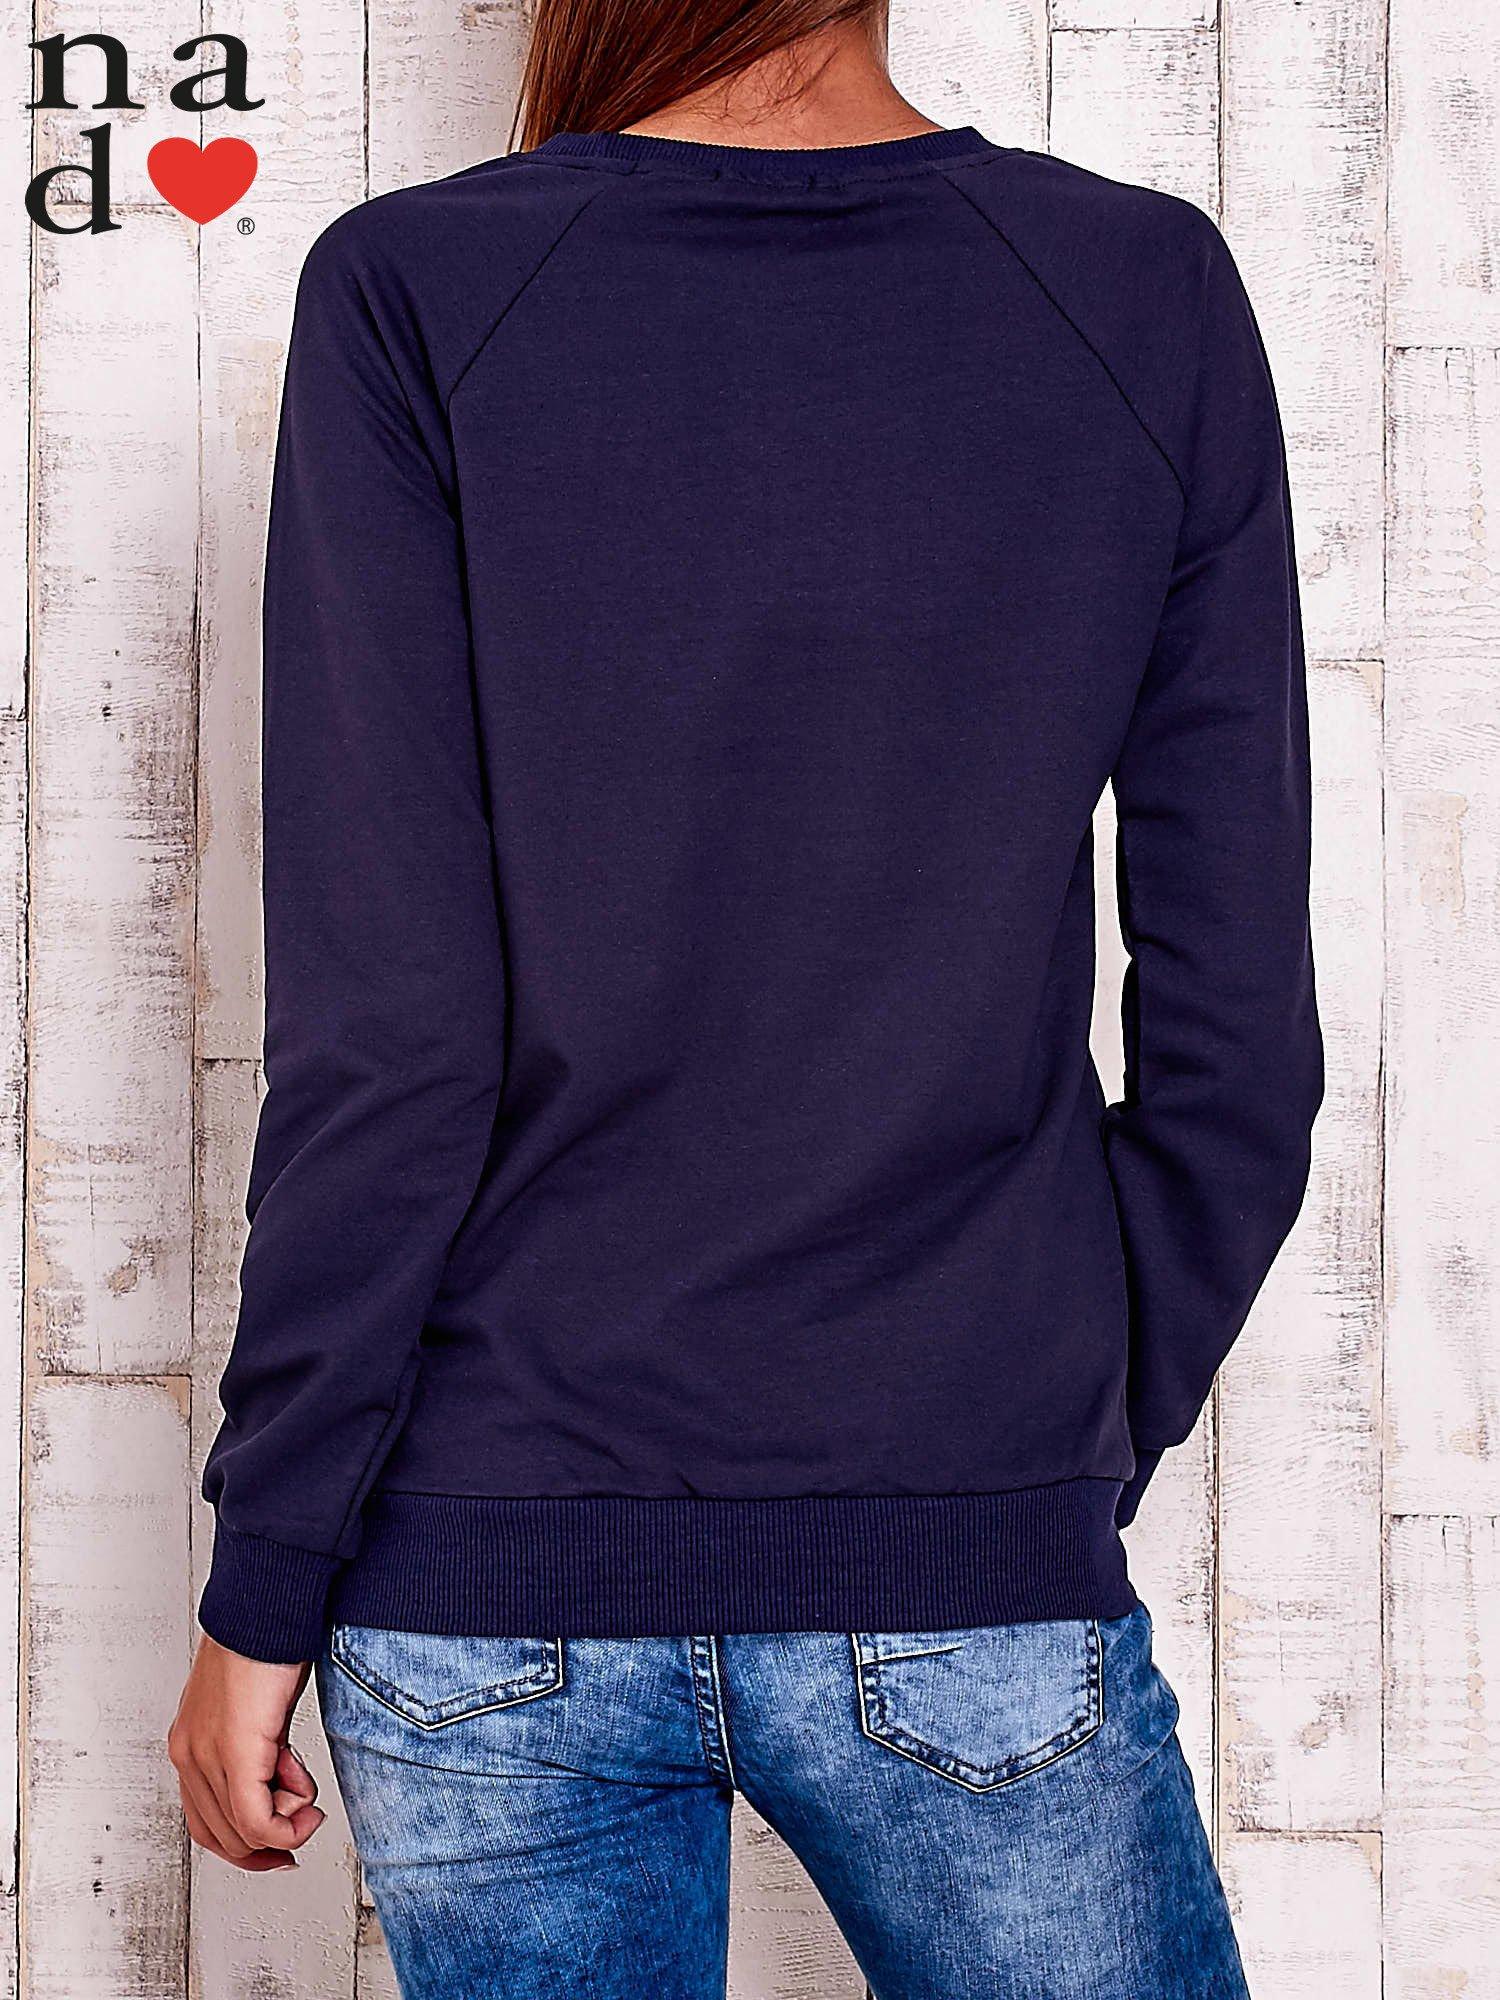 Granatowa bluza w serduszka                                  zdj.                                  4